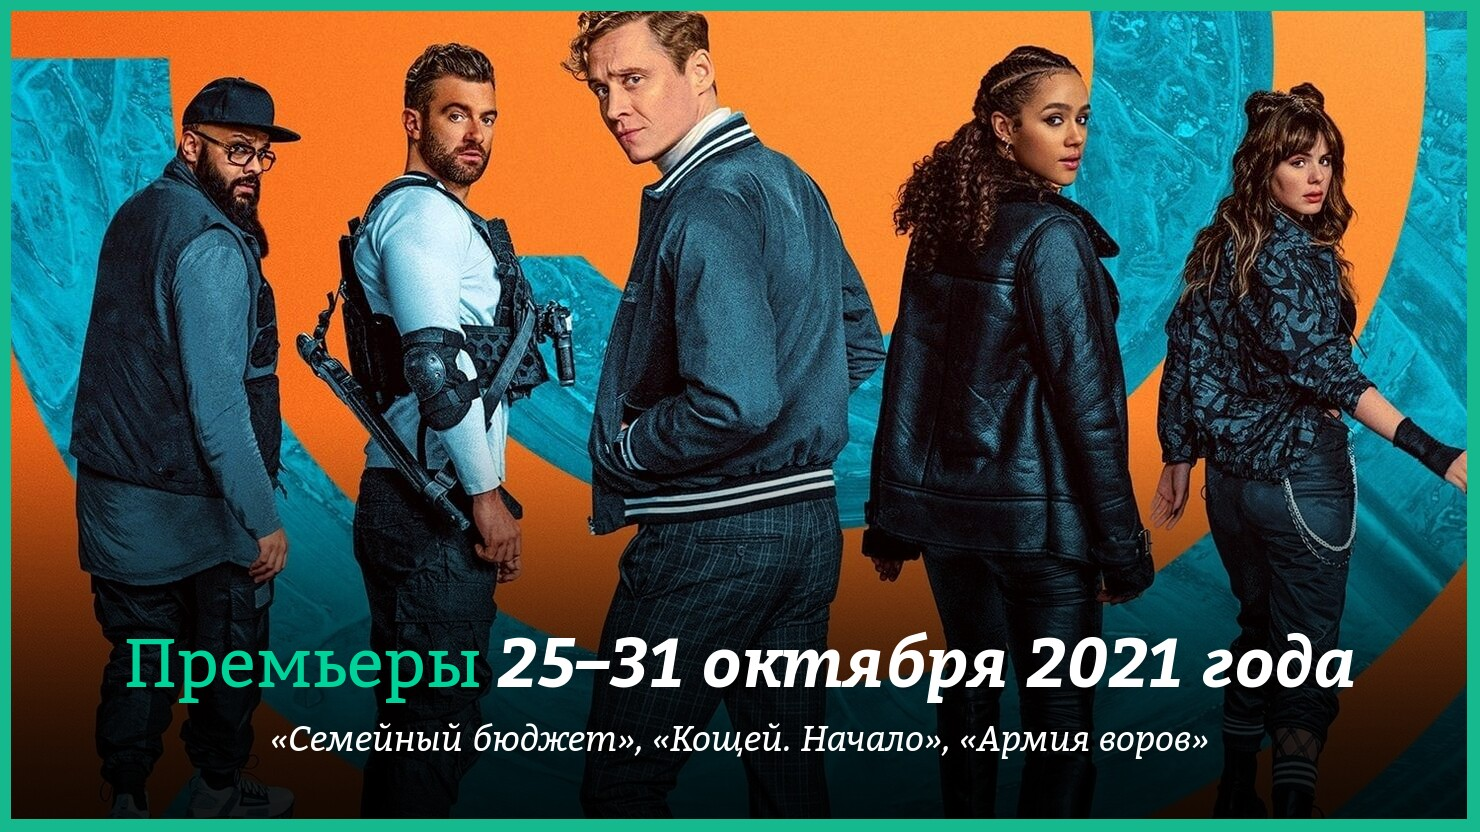 """Новые фильмы 25–31 октября 2021 года: """"Армия воров"""", """"Кощей. Начало"""" и другие новинки кино"""